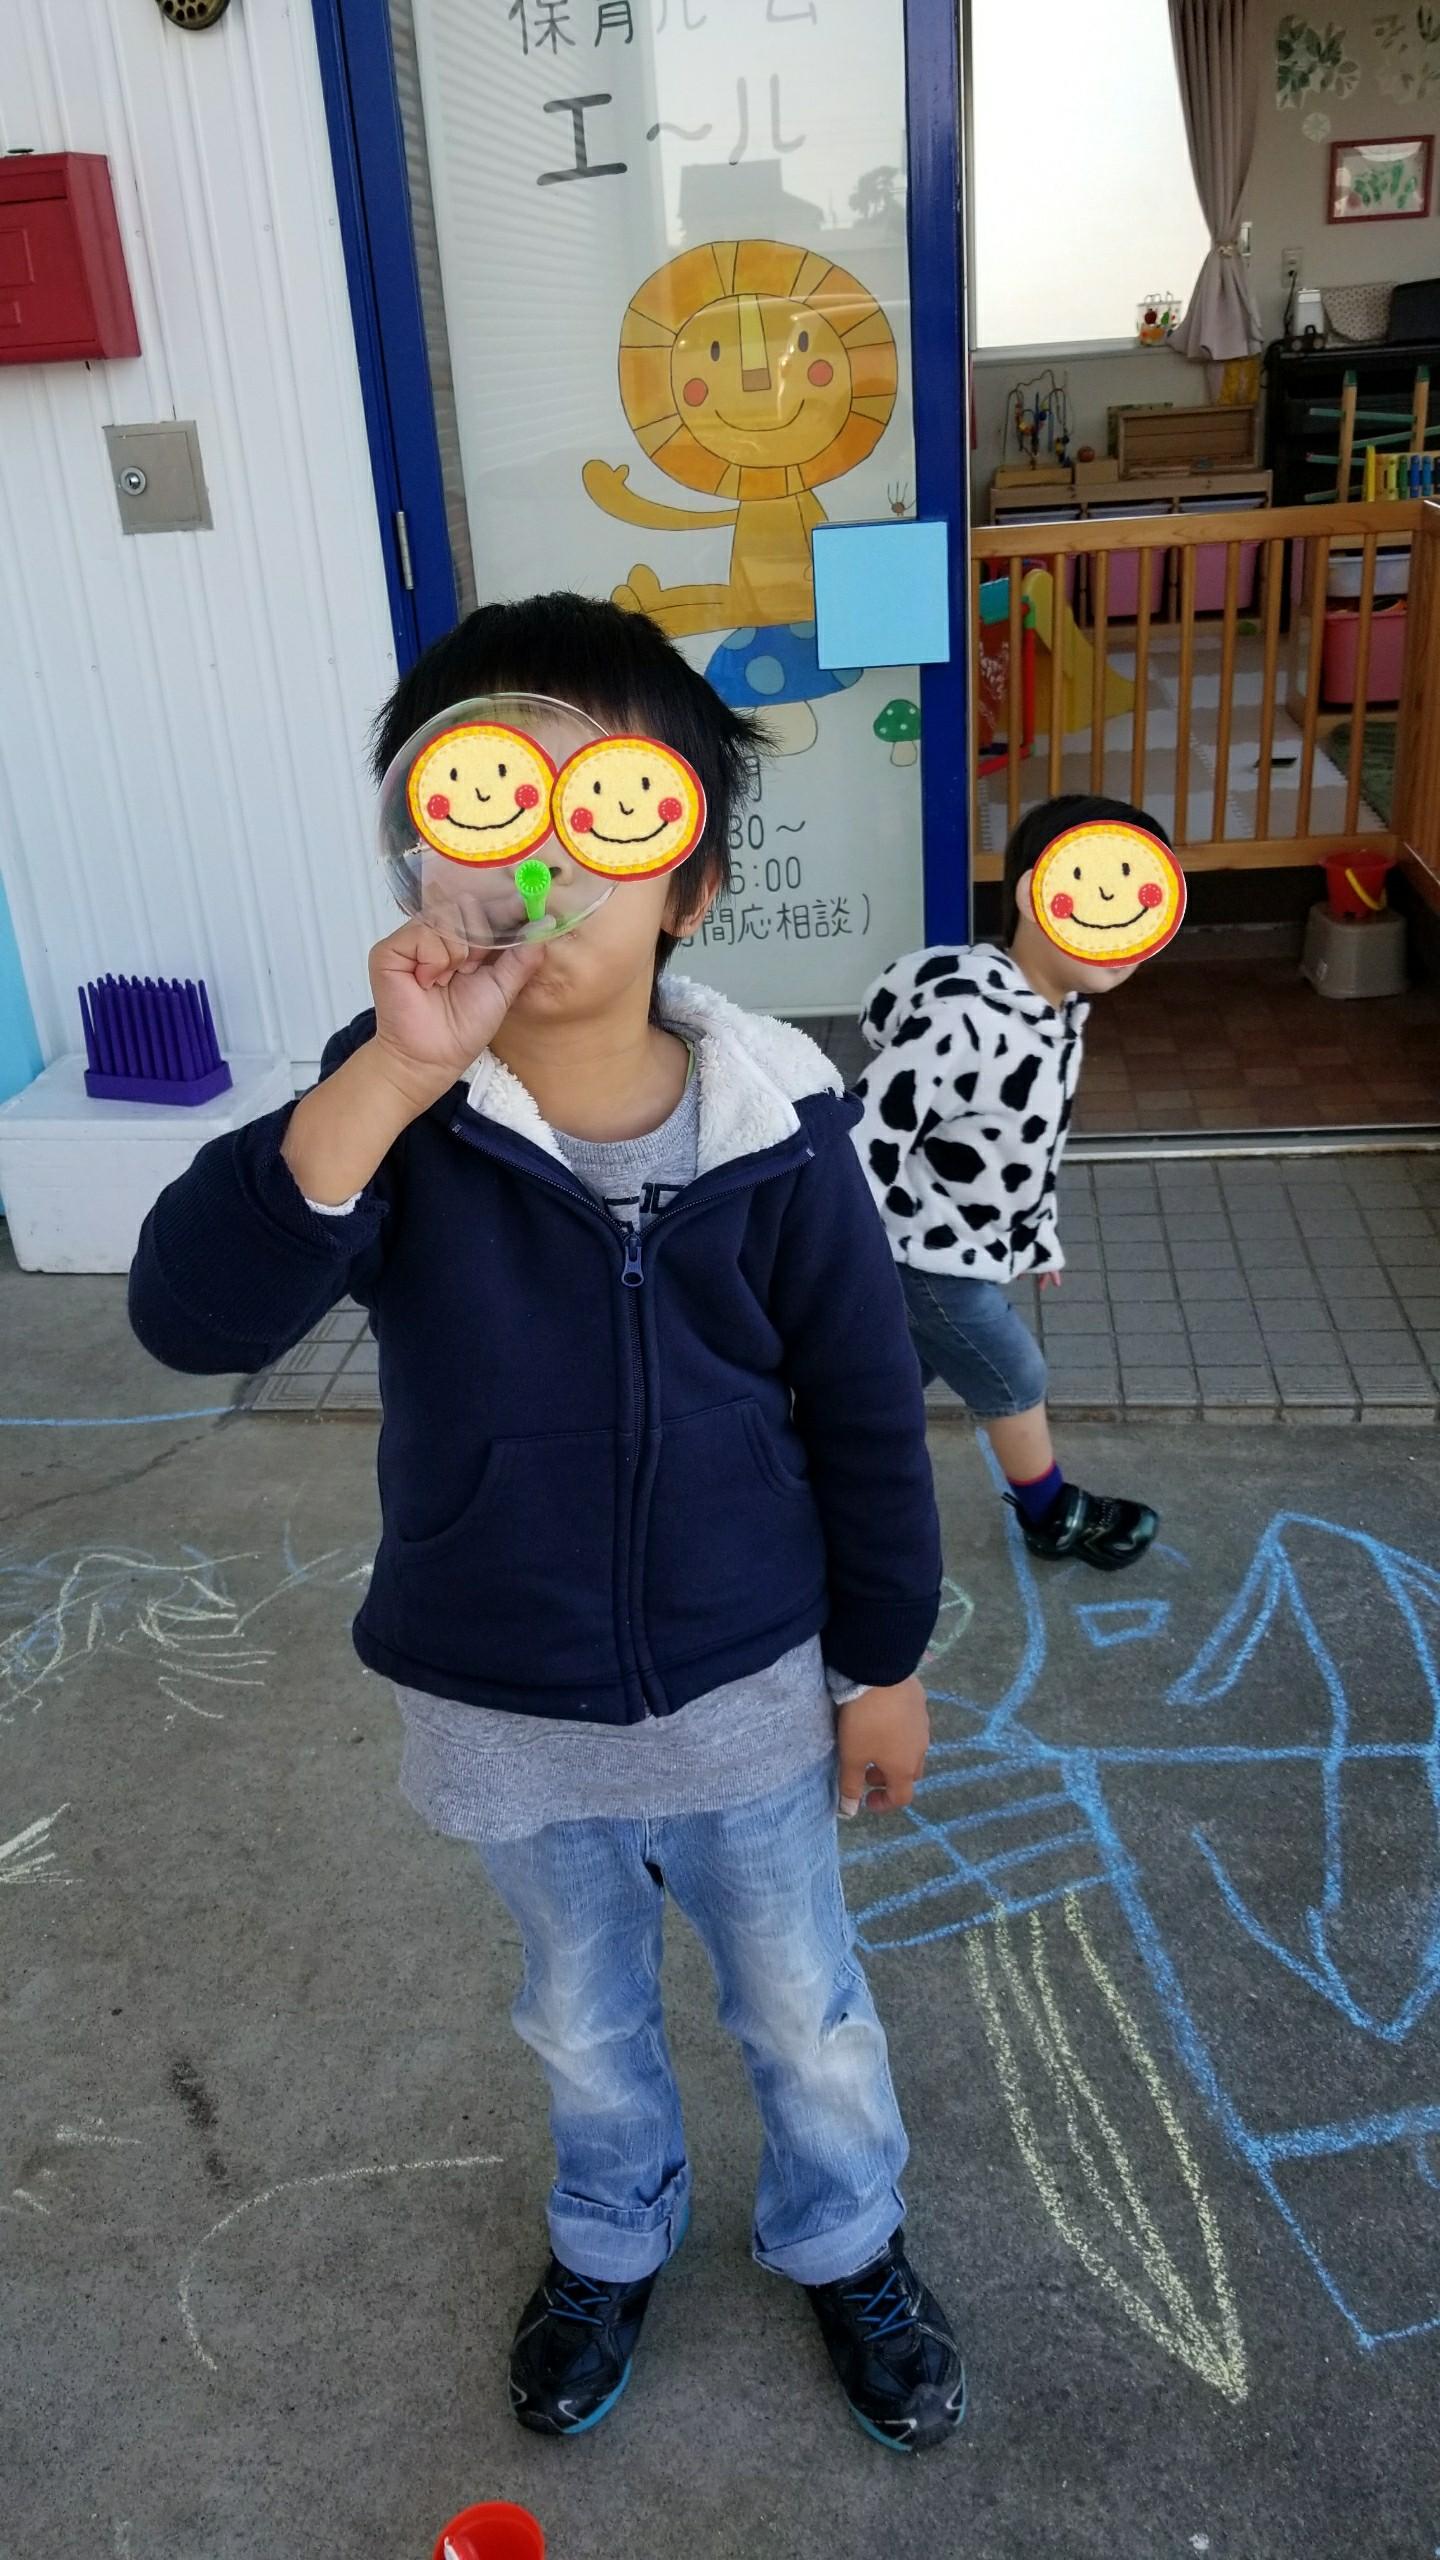 20171113144708736.jpg